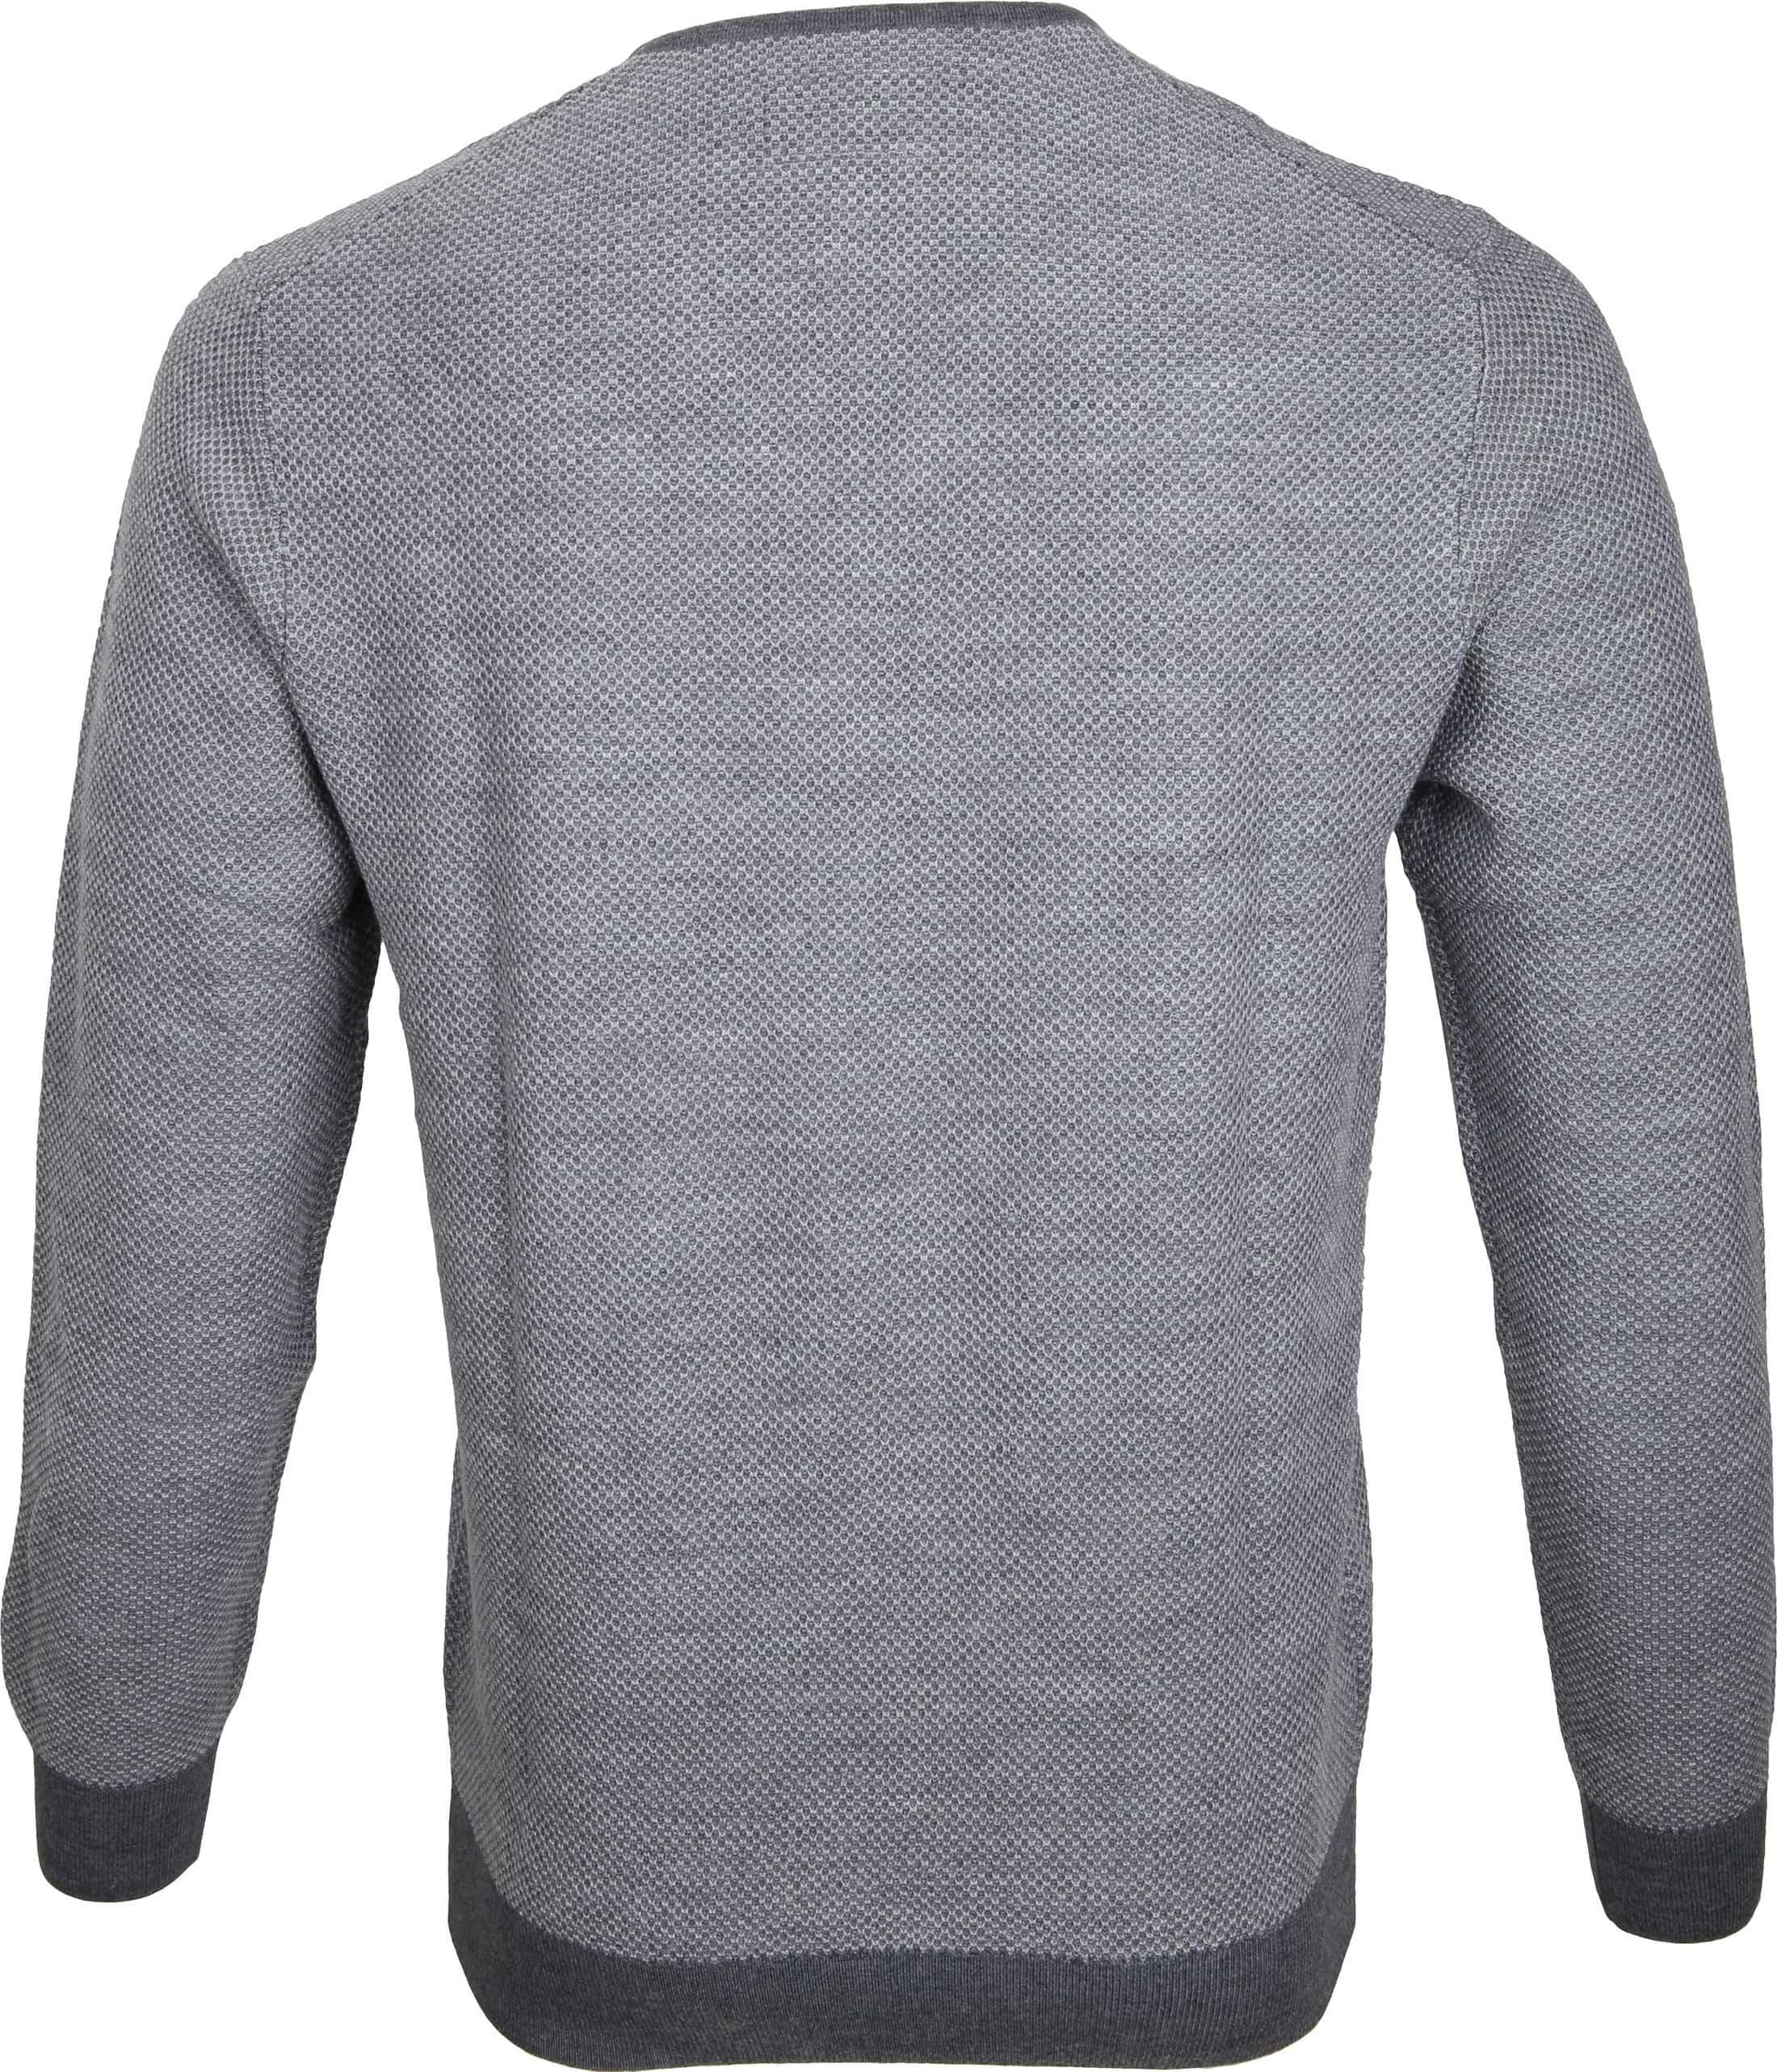 Suitable Prestige Pullover Merino Struct foto 2